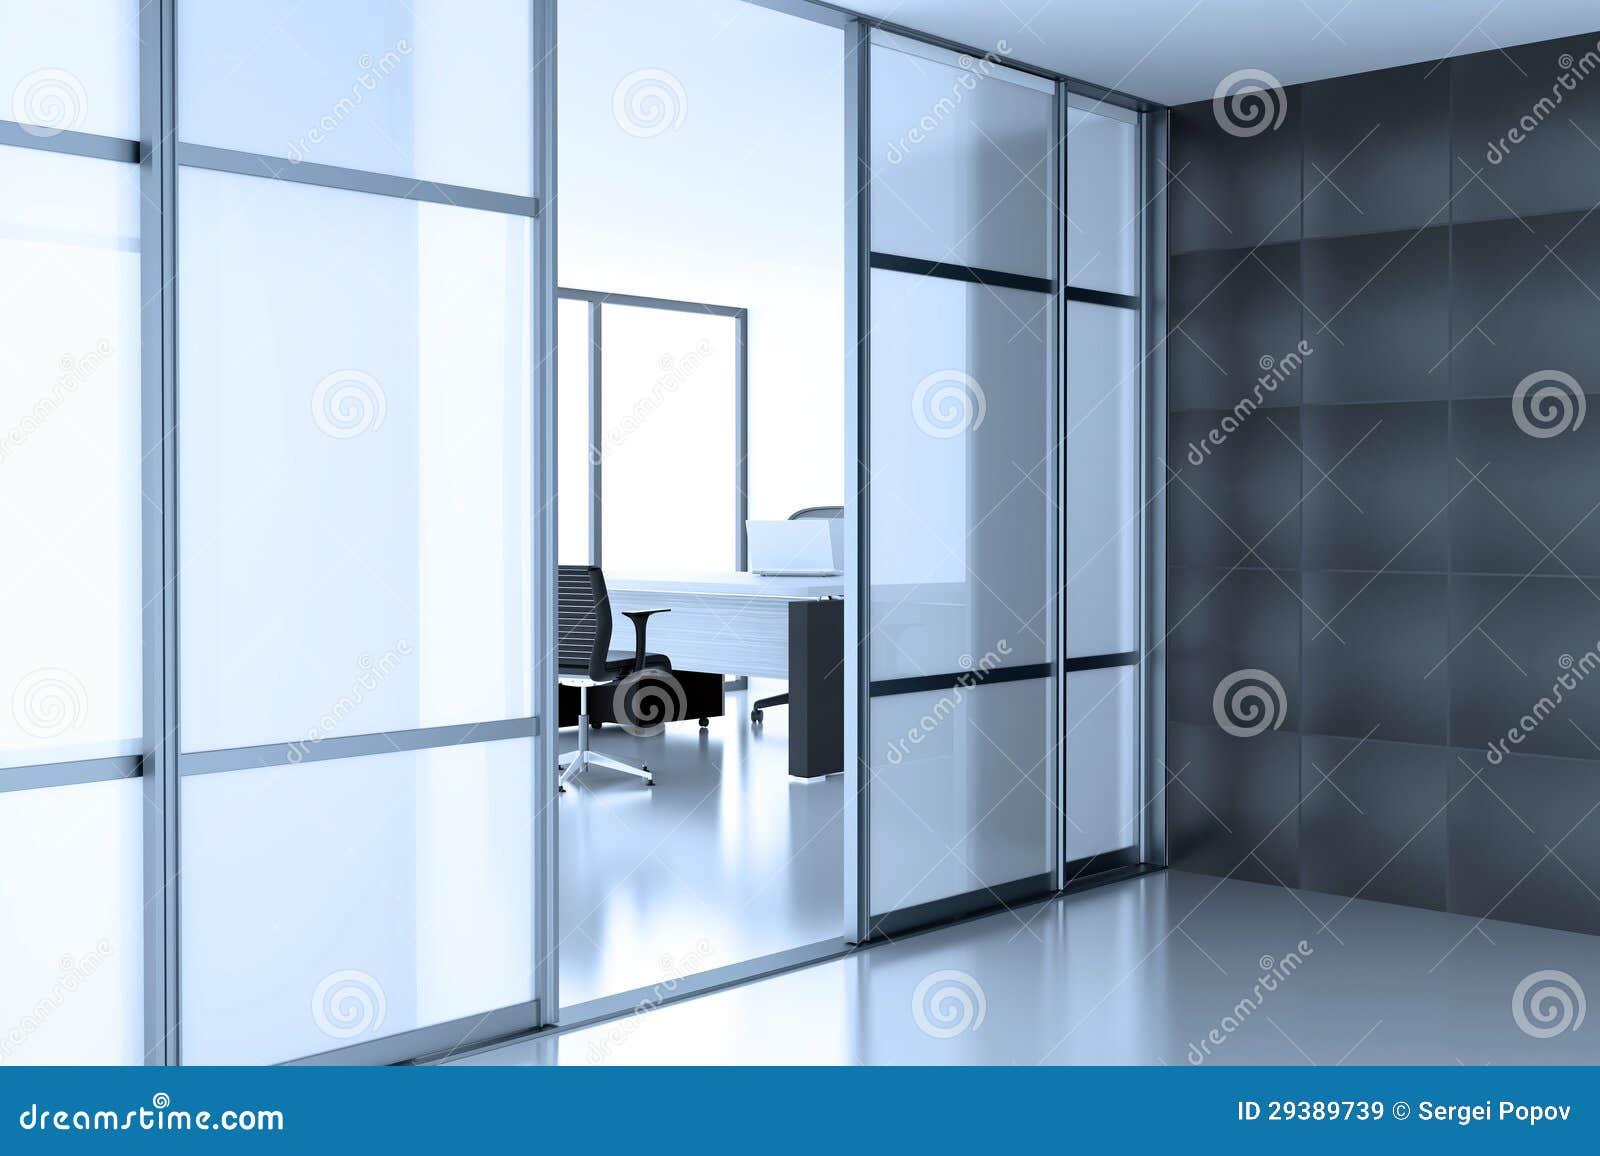 Charmant Open Glass Door